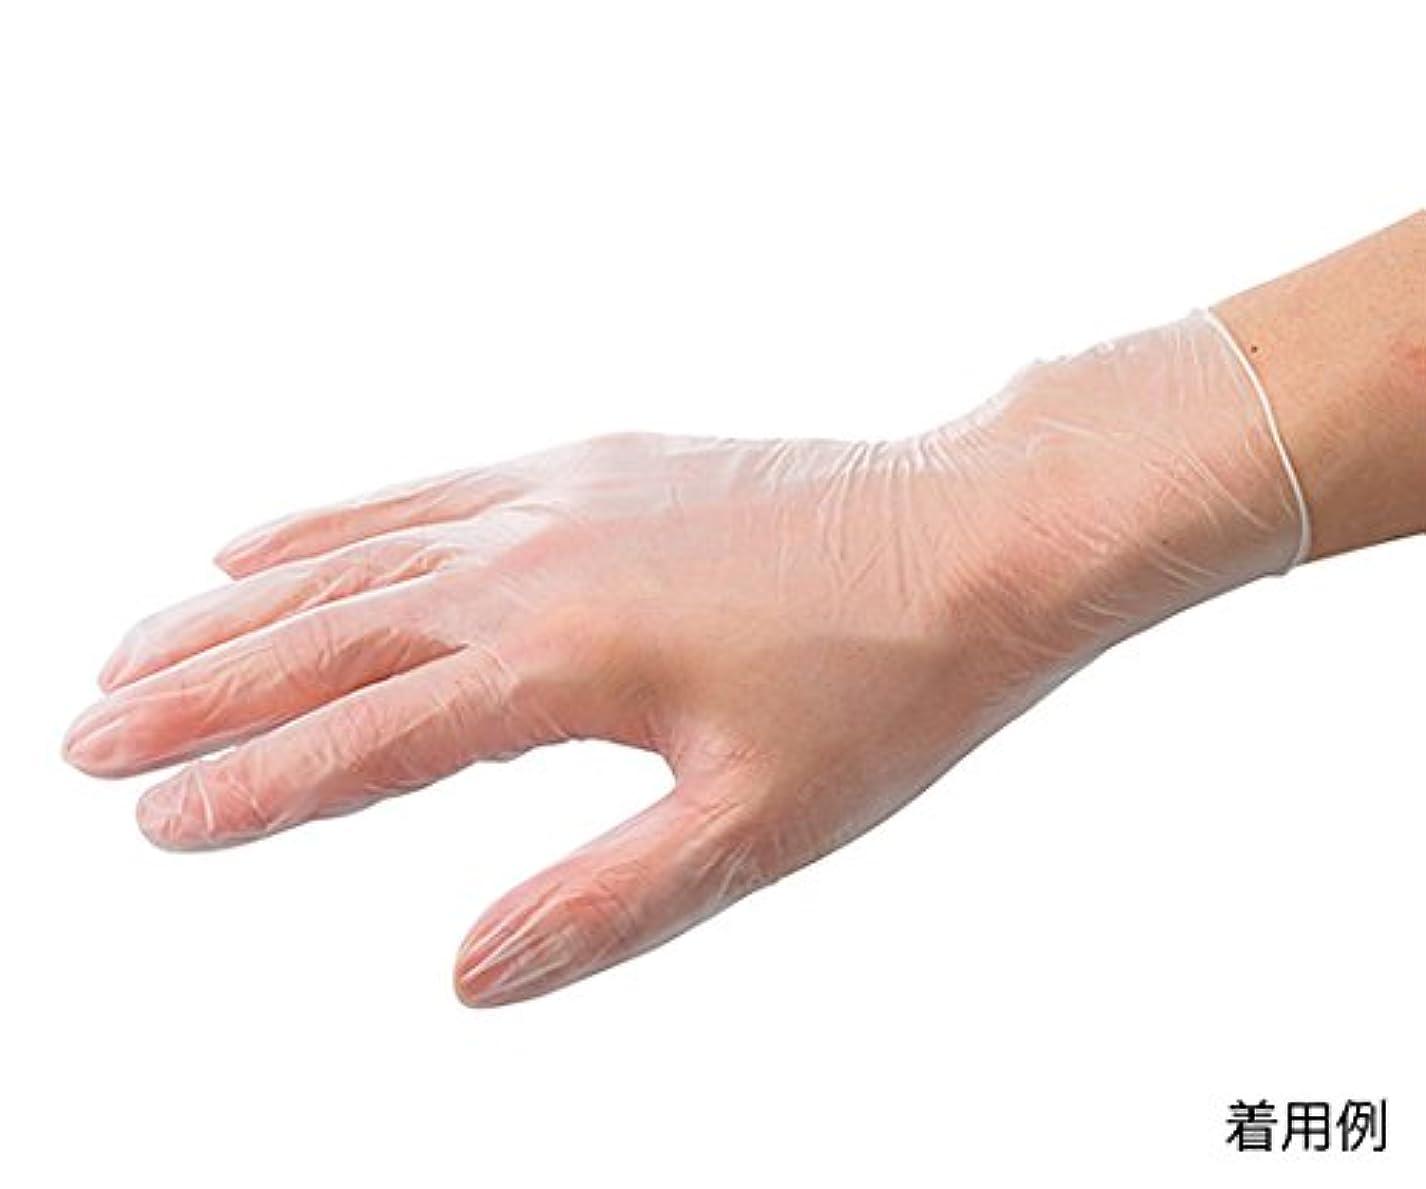 圧倒的きらきら仲人ARメディコム?インク?アジアリミテッド7-3727-02バイタルプラスチック手袋(パウダー付き)M150枚入